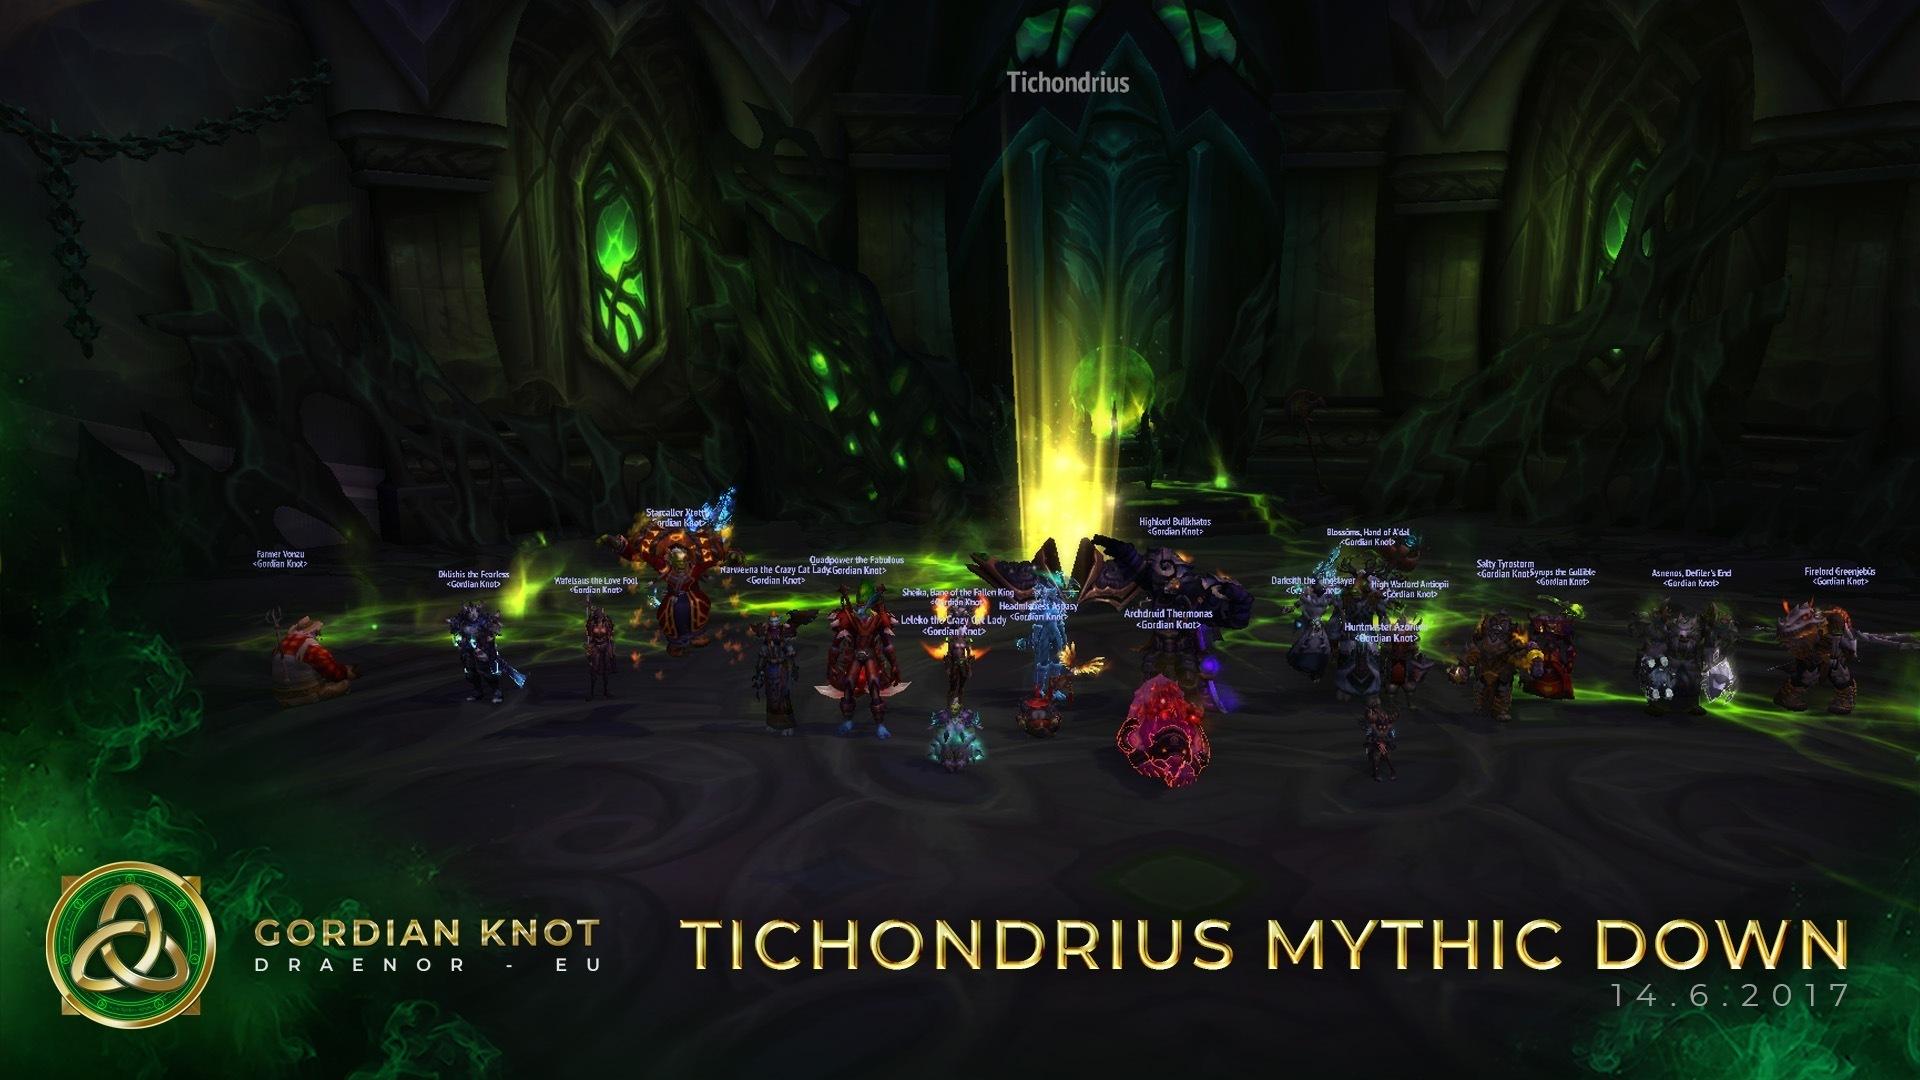 Tichondrius Mythic